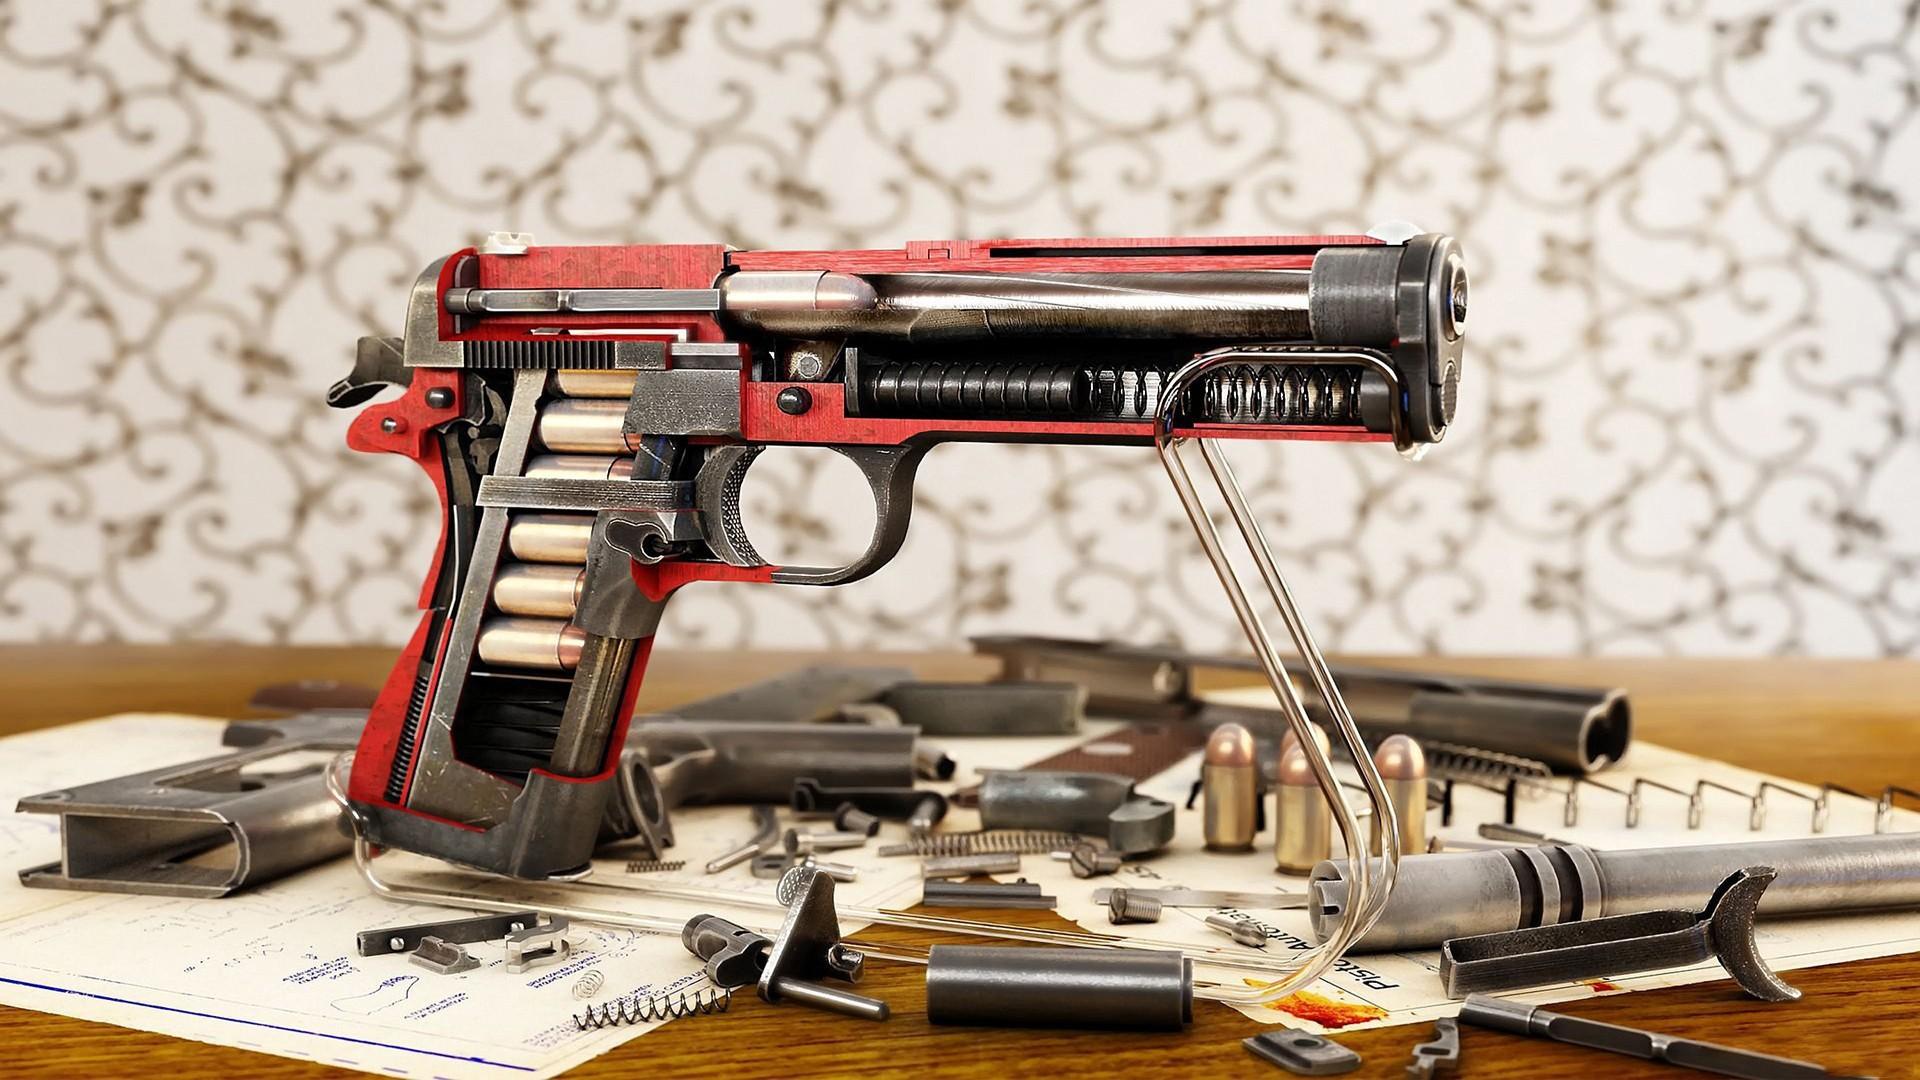 m1911 cutaway ammunition 1911 .45 colt gun pistol